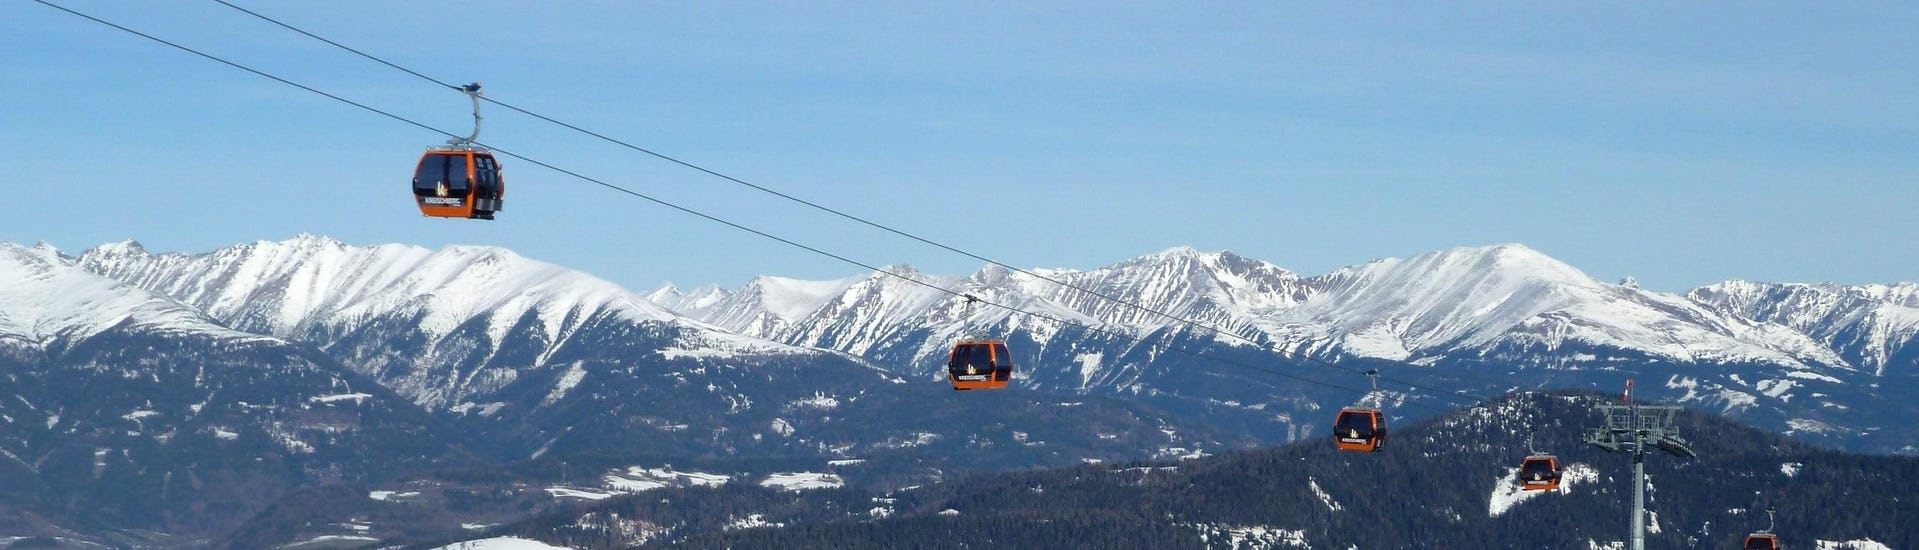 Ausblick auf die sonnige Berglandschaft beim Skifahren lernen mit den Skischulen in Kreischberg-Murau.